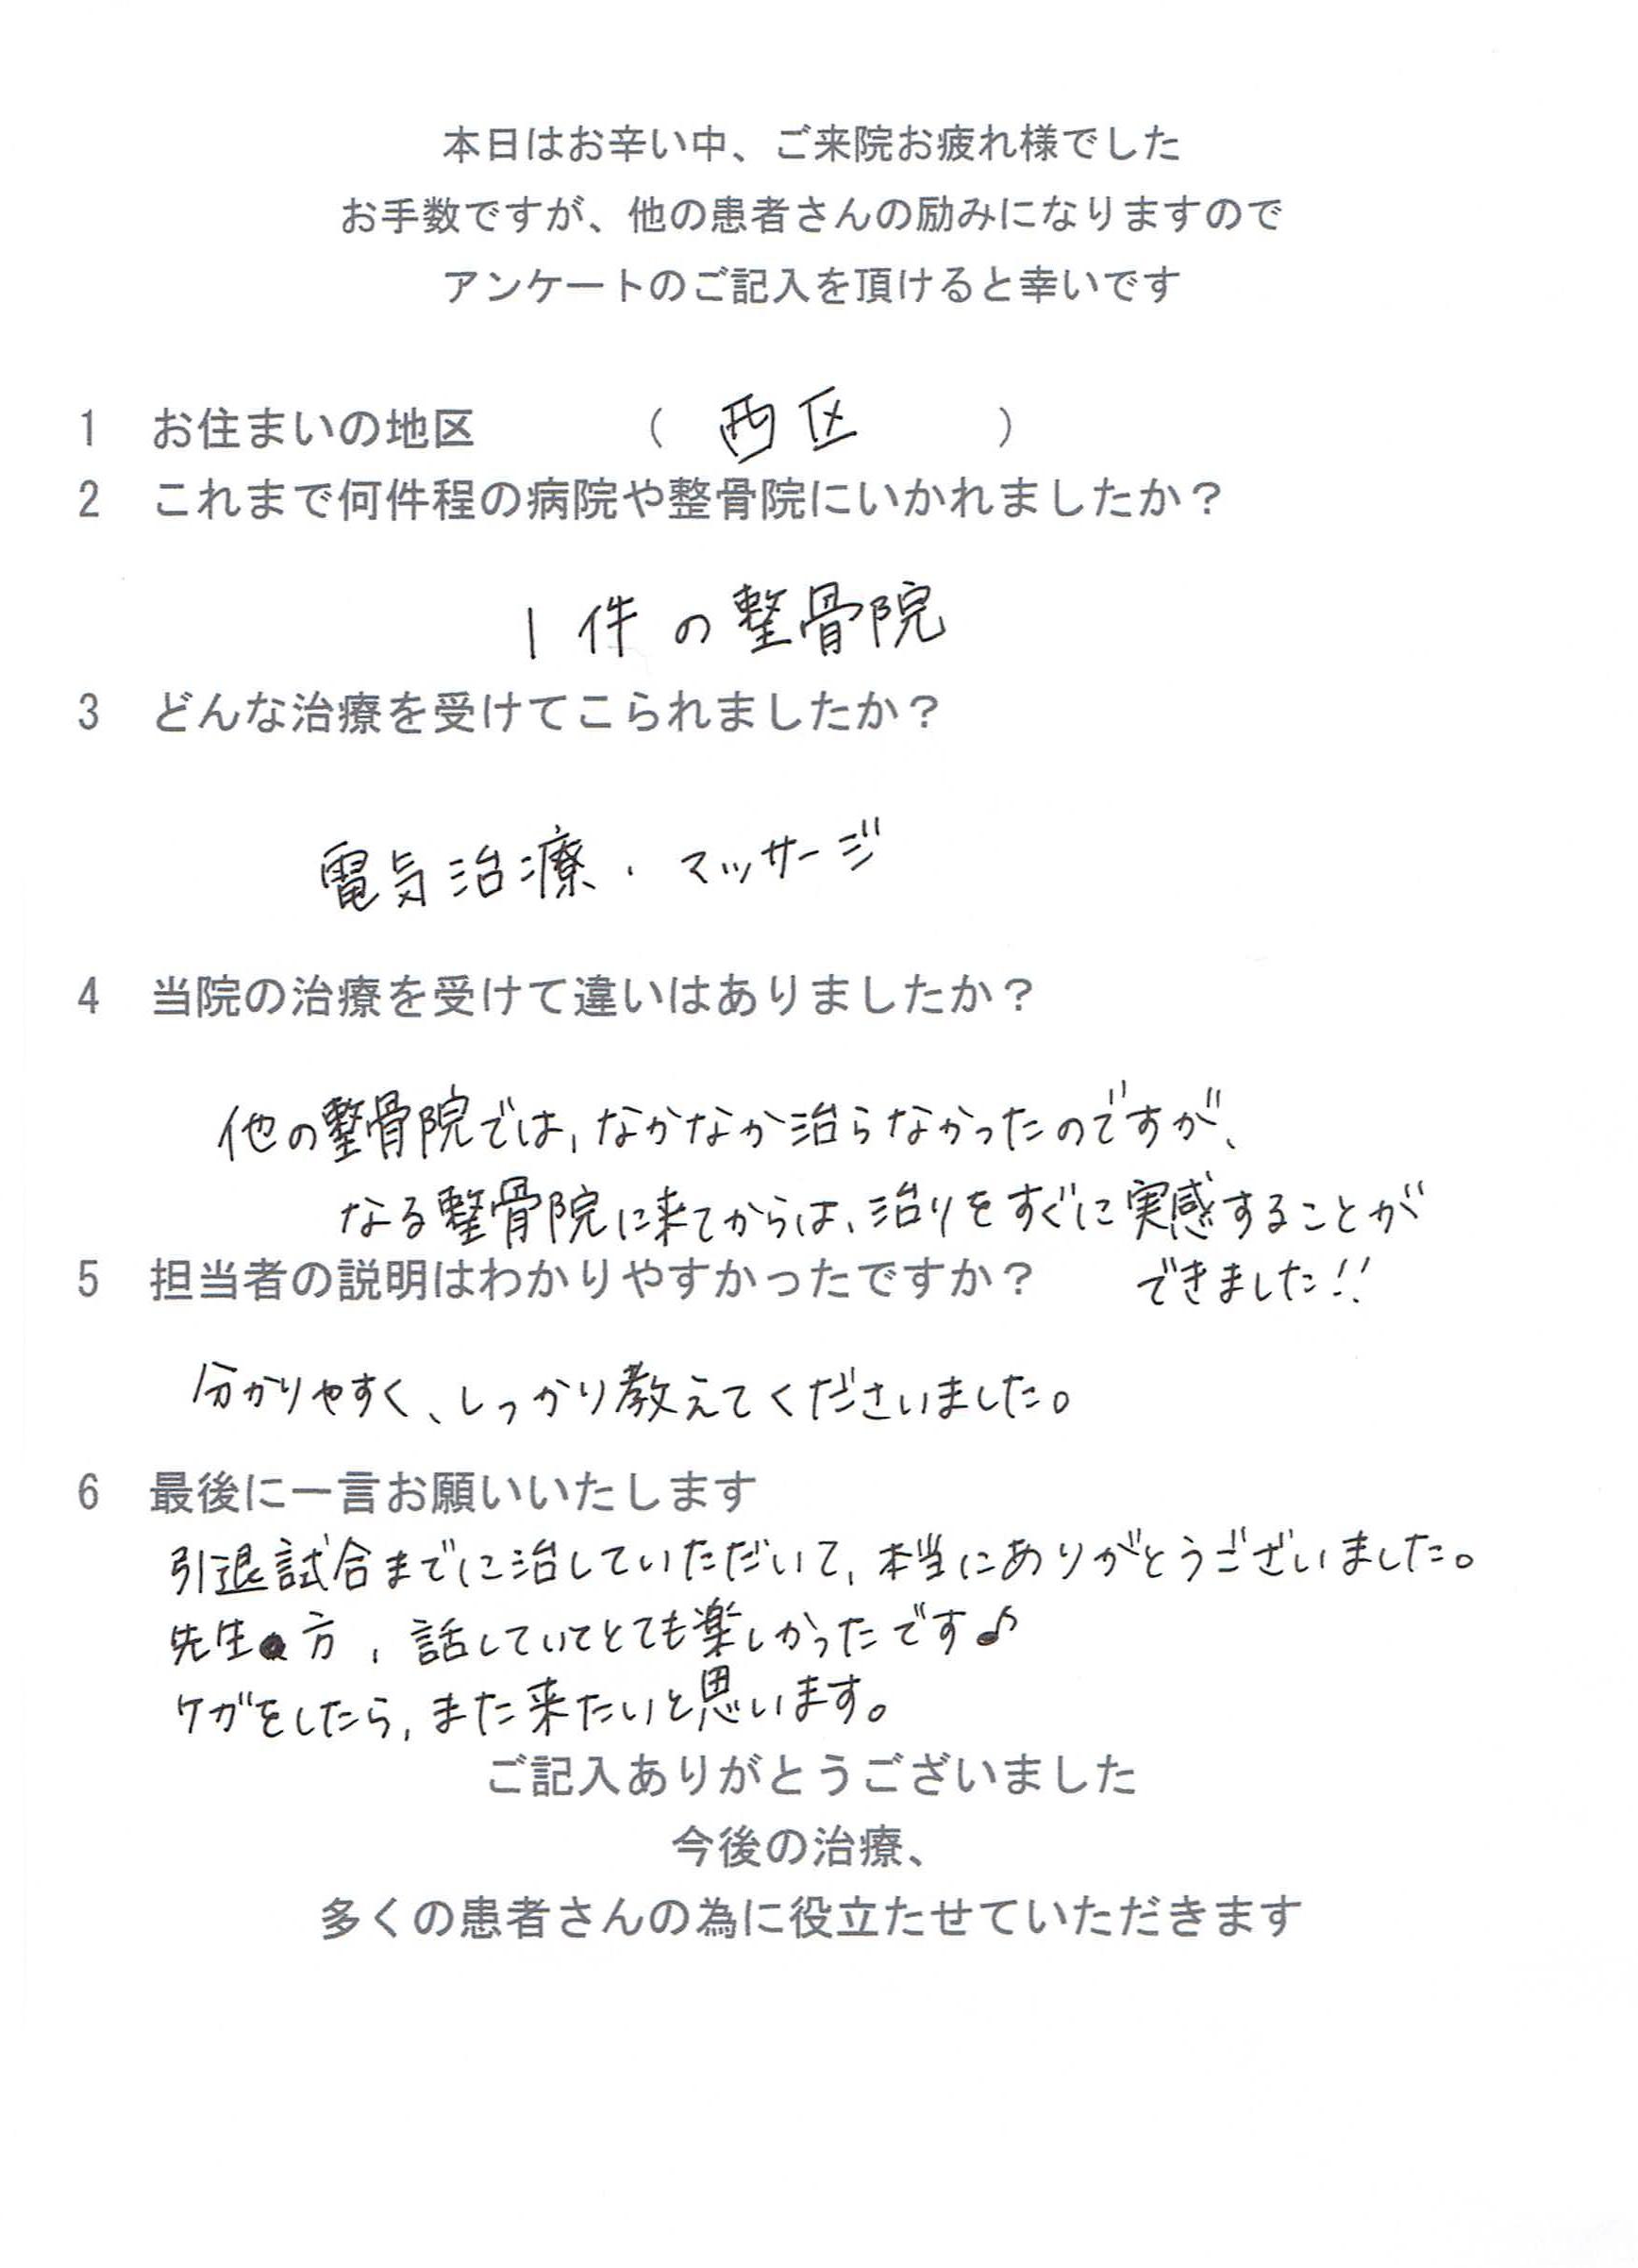 バトミントン腰痛 (2)